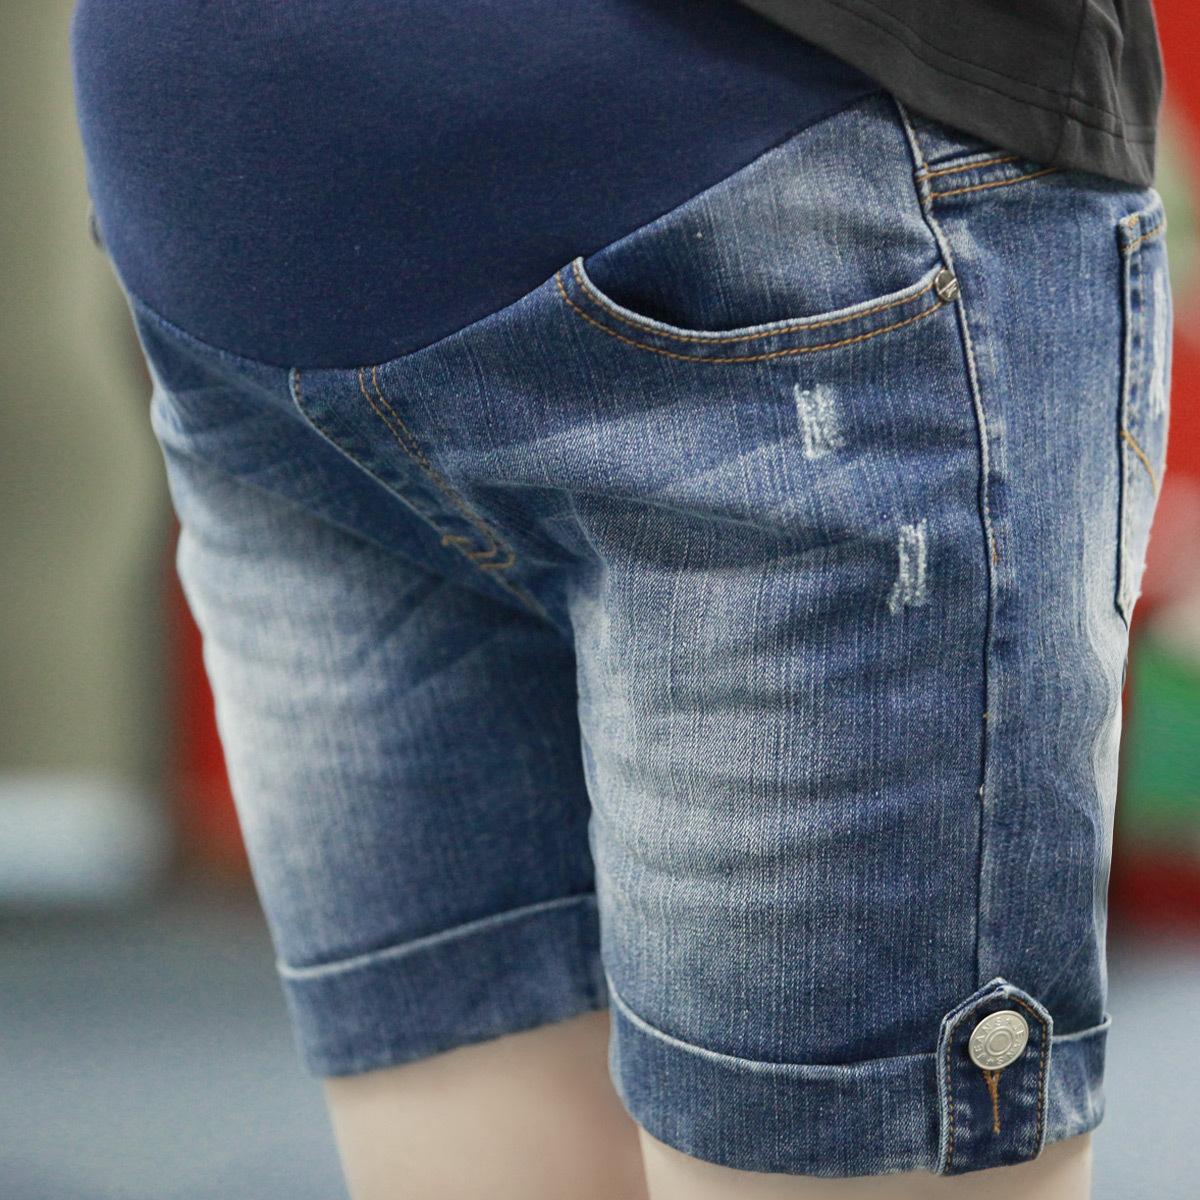 7 советов о том, как подготовить себя к отправке в роддом